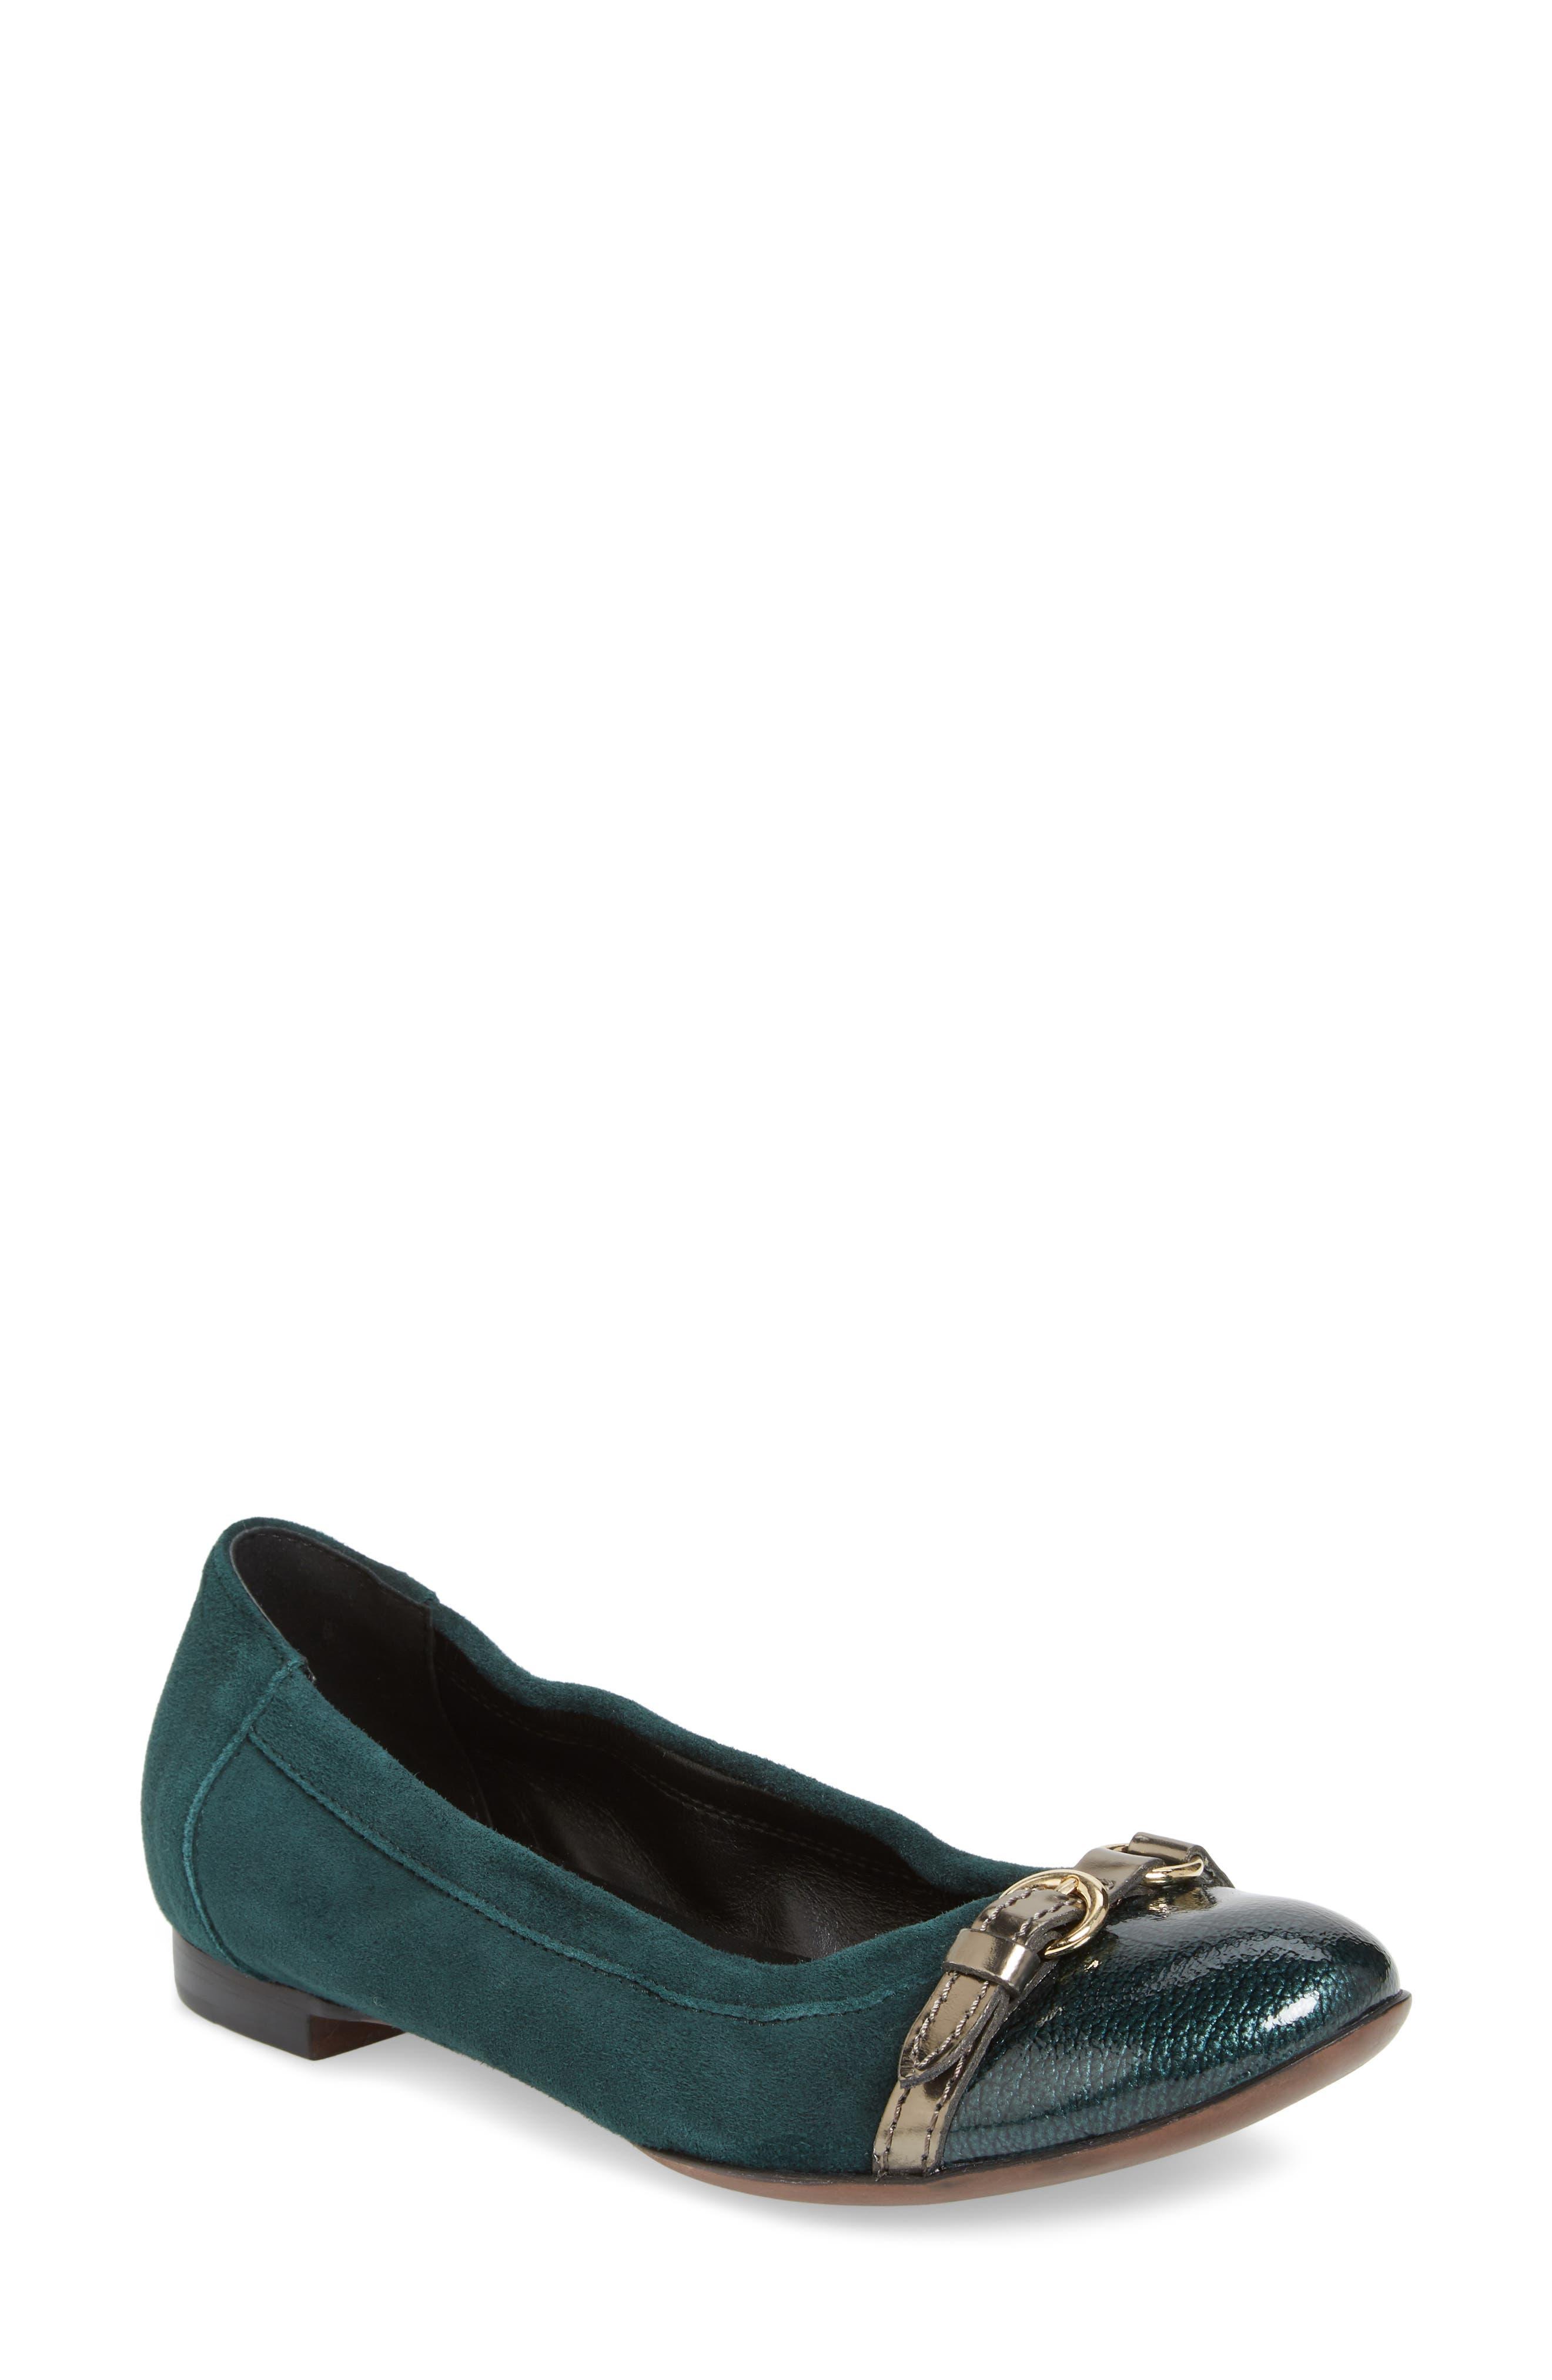 Agl Cap Toe Ballet Flat, Green